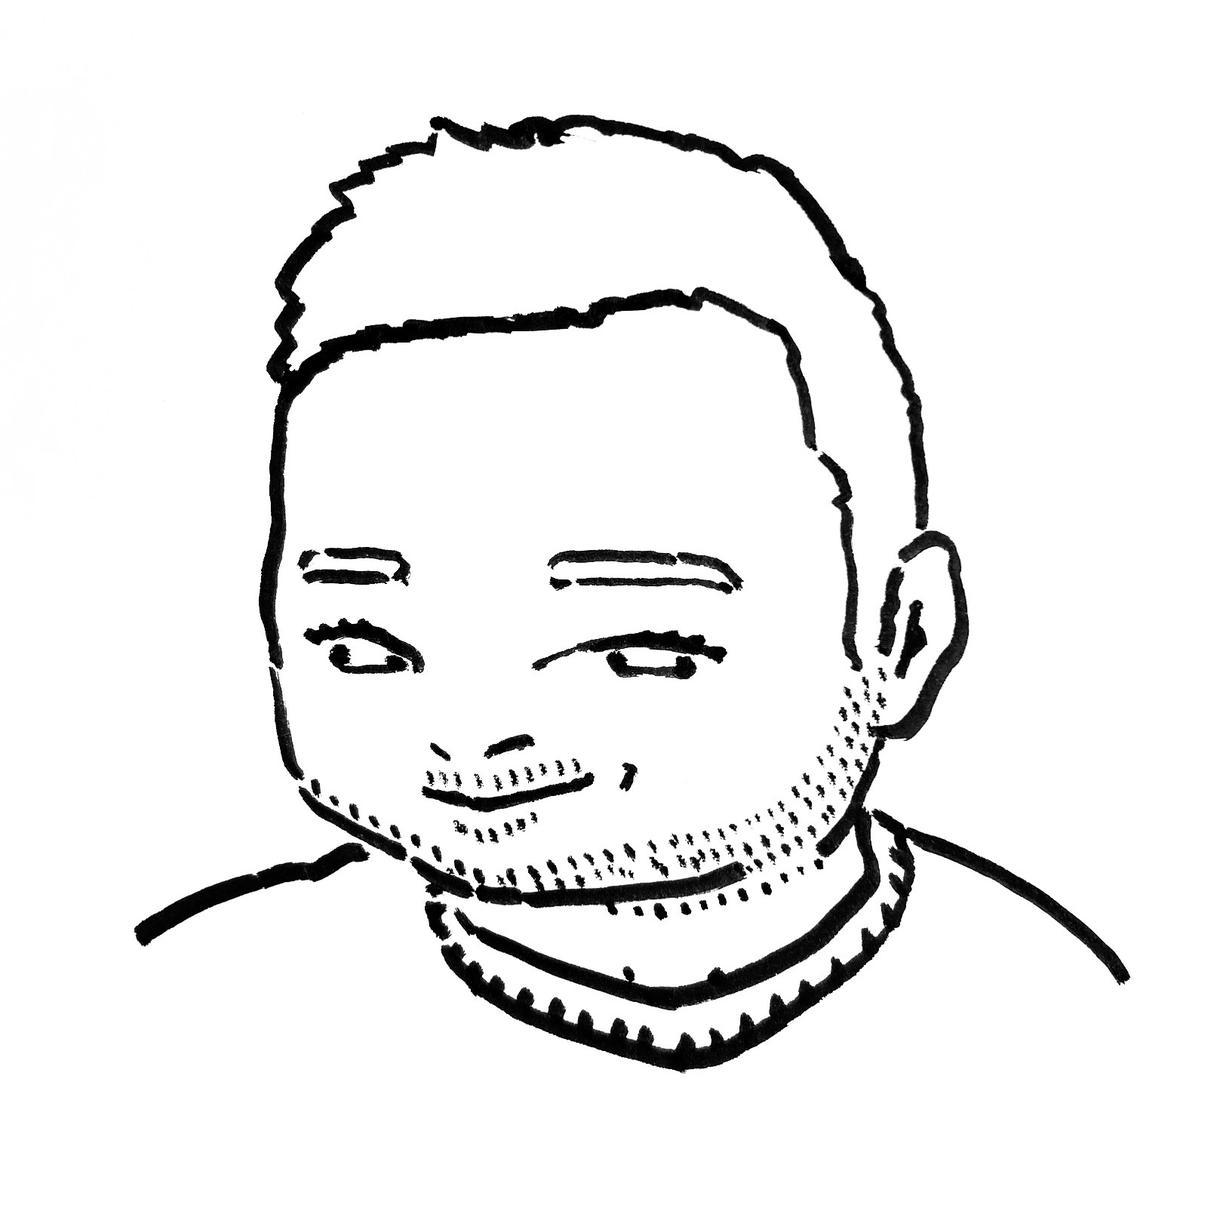 シュールなモノクロ似顔絵・イラストお描きします 個性的なイラストをお探しの方におすすめです!!!